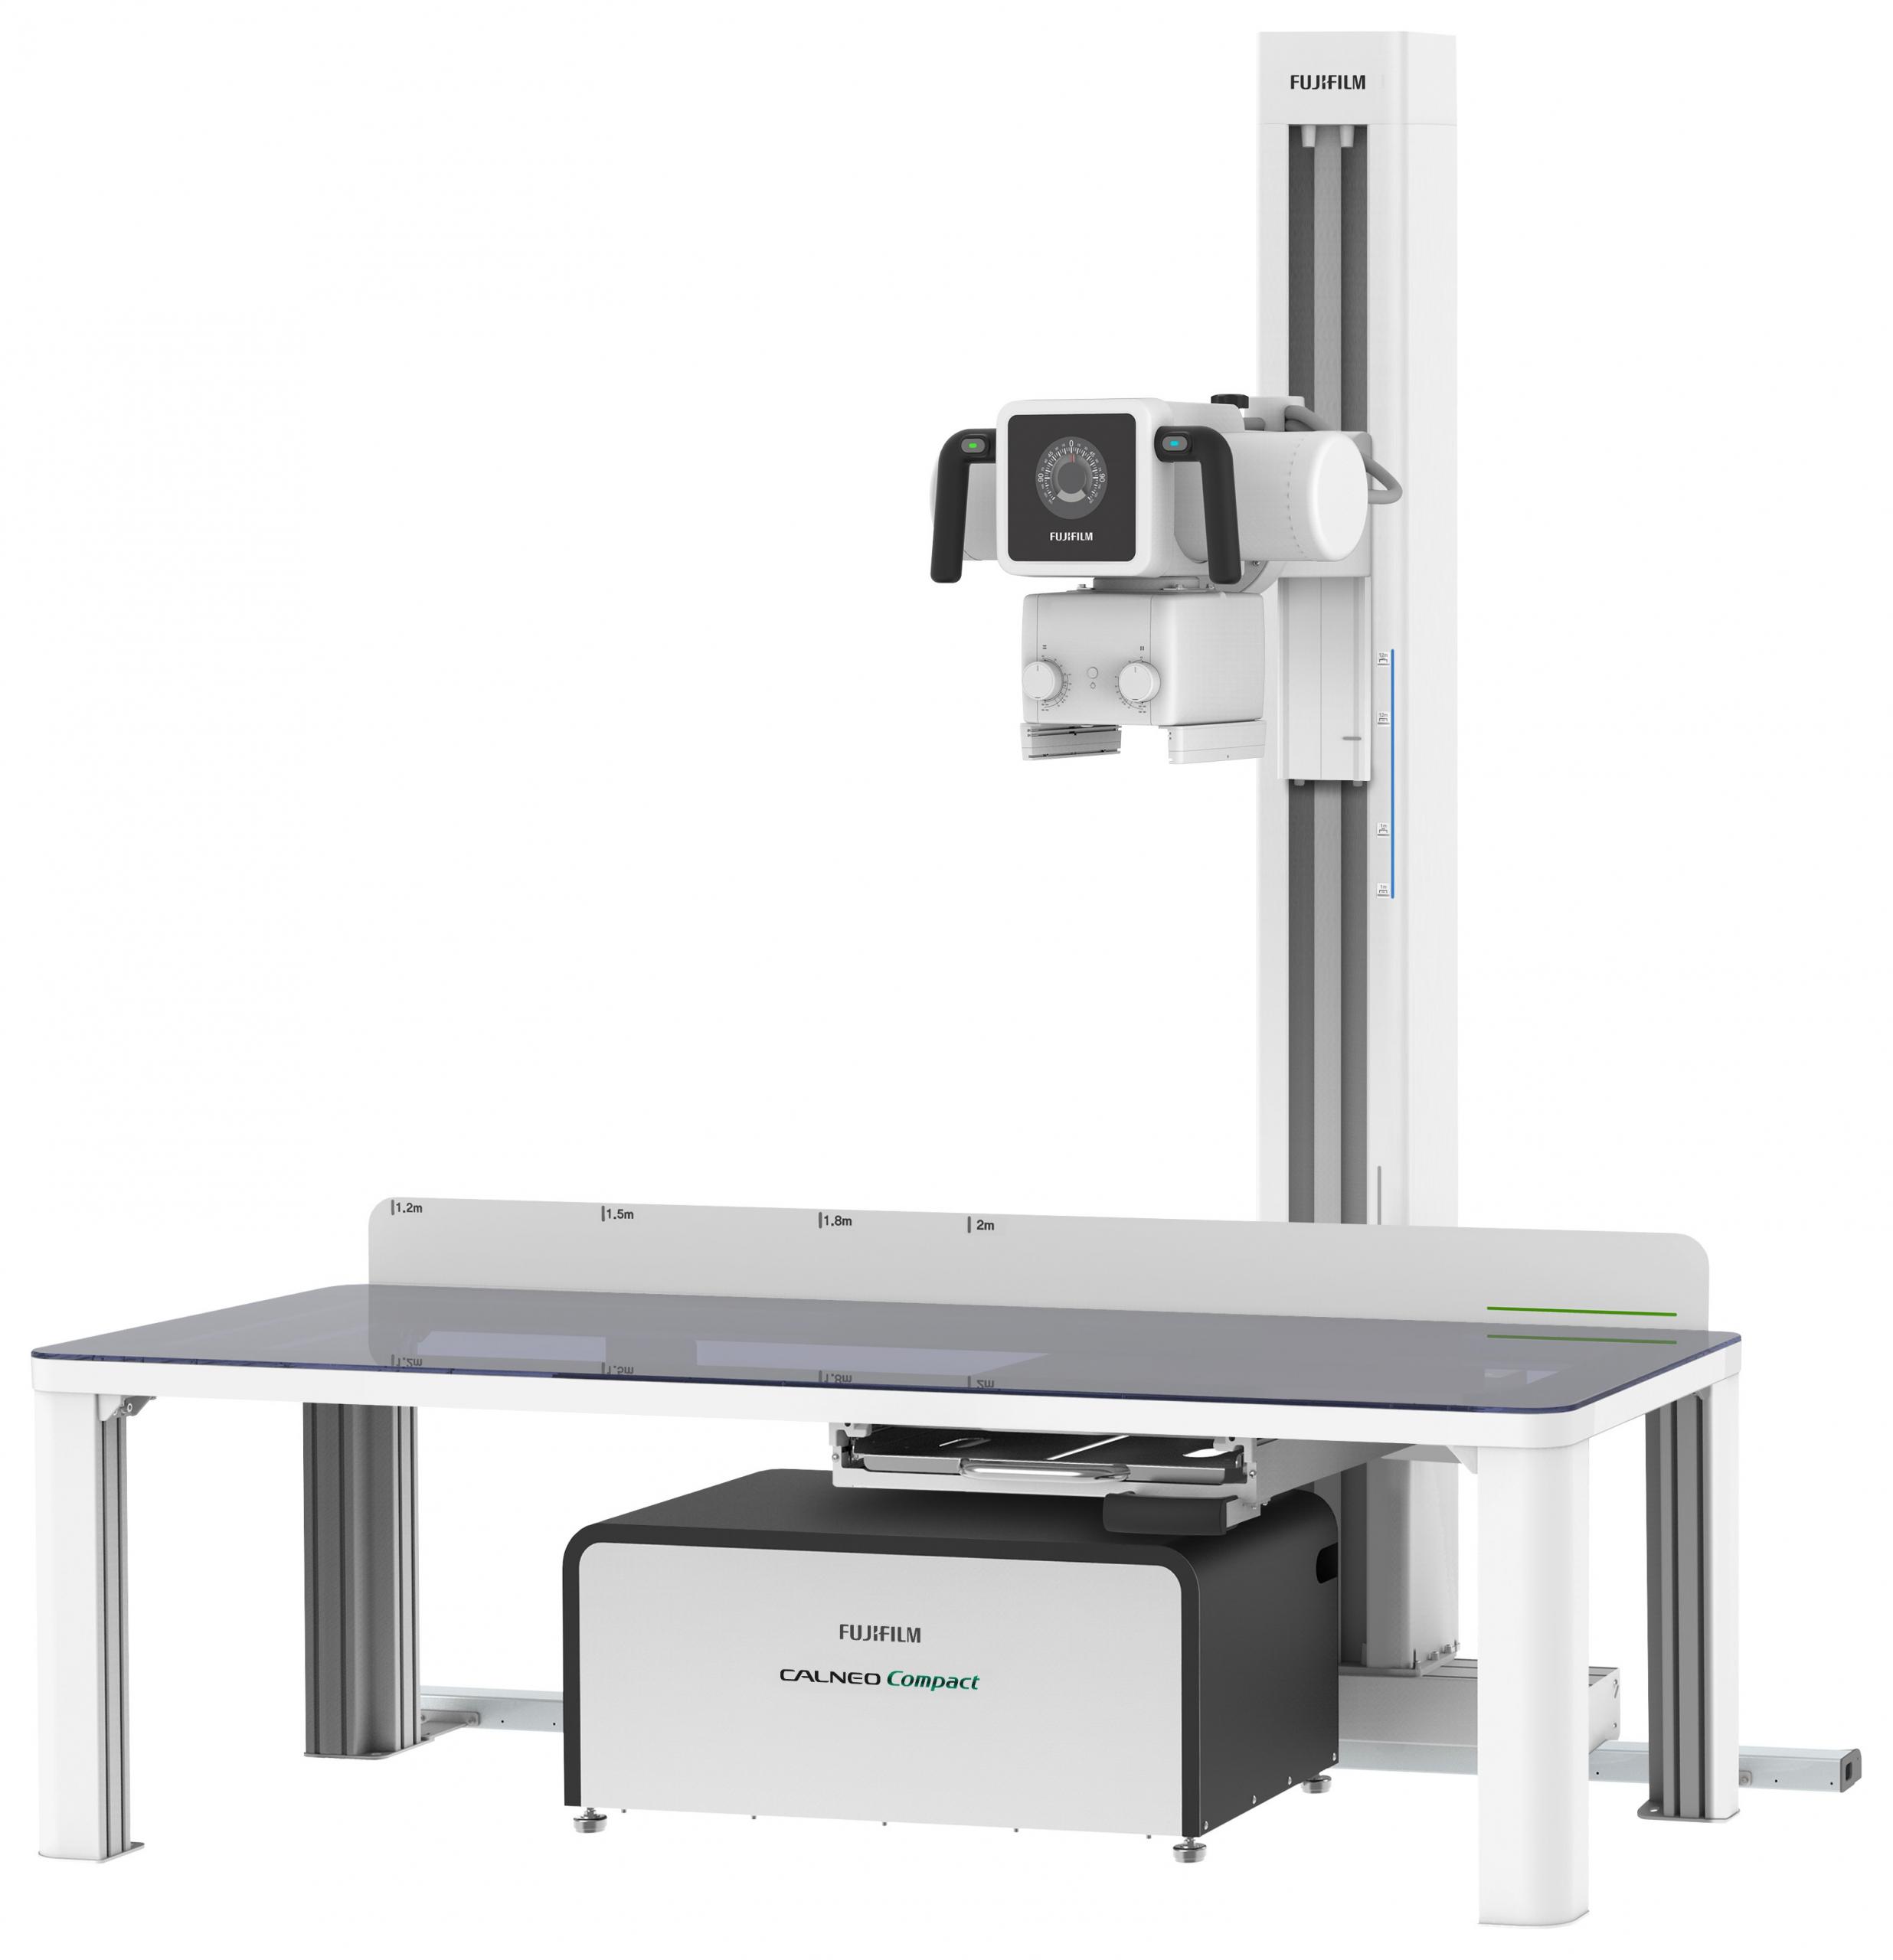 富士フイルム/コンパクトタイプのクリニック向けX線診断システム「CALNEO Compact」新発売